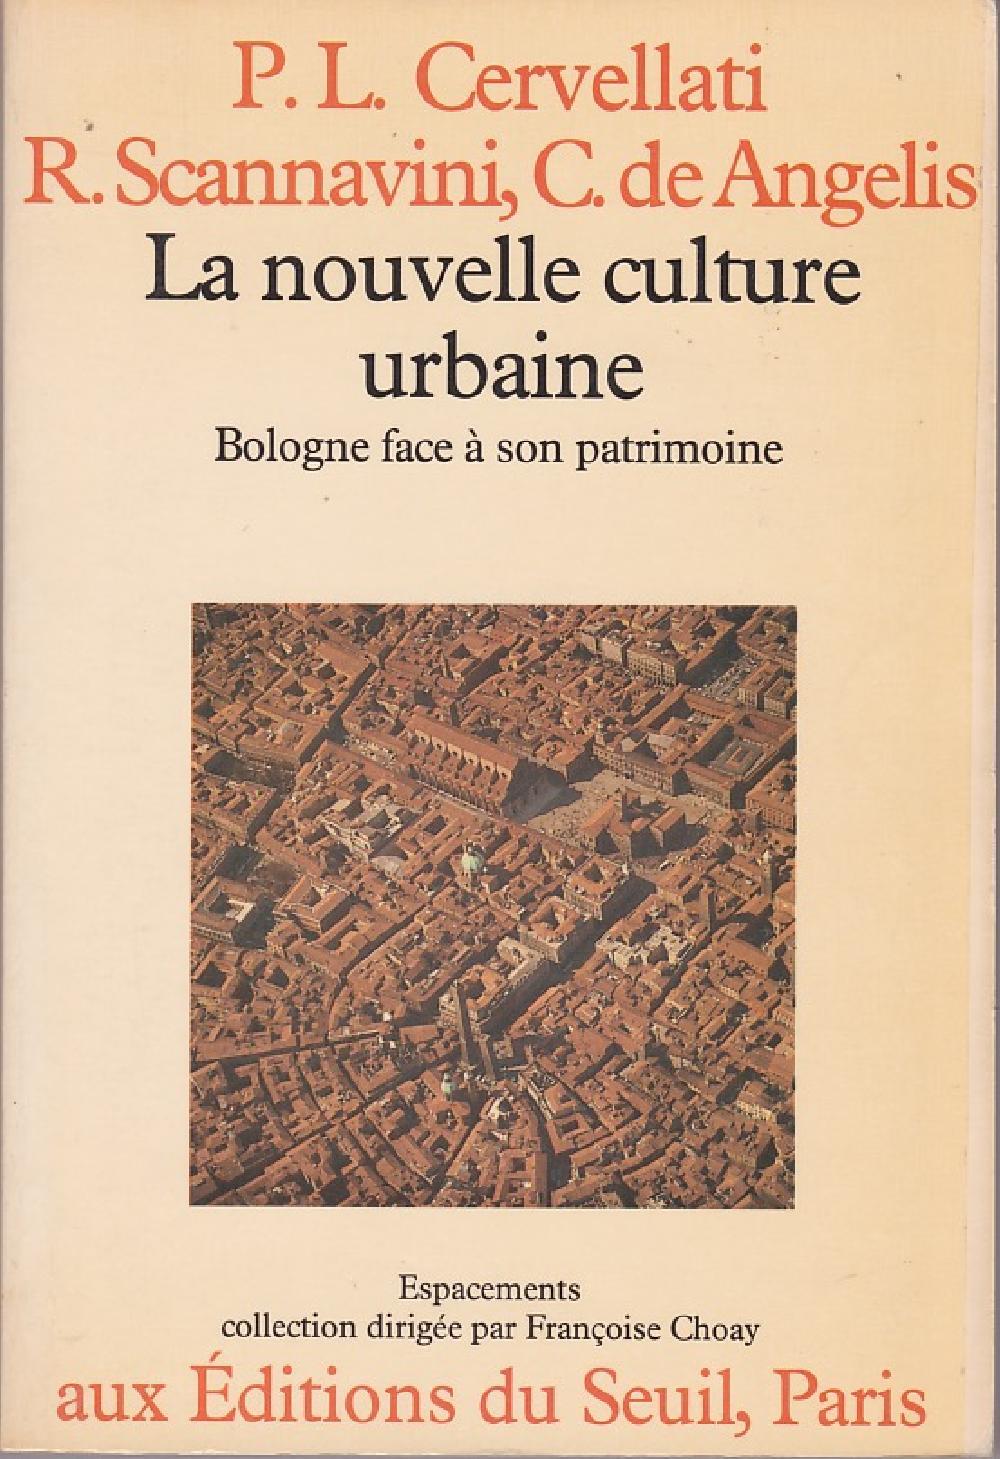 La Nouvelle culture urbaine - Bologne face à son patrimoine